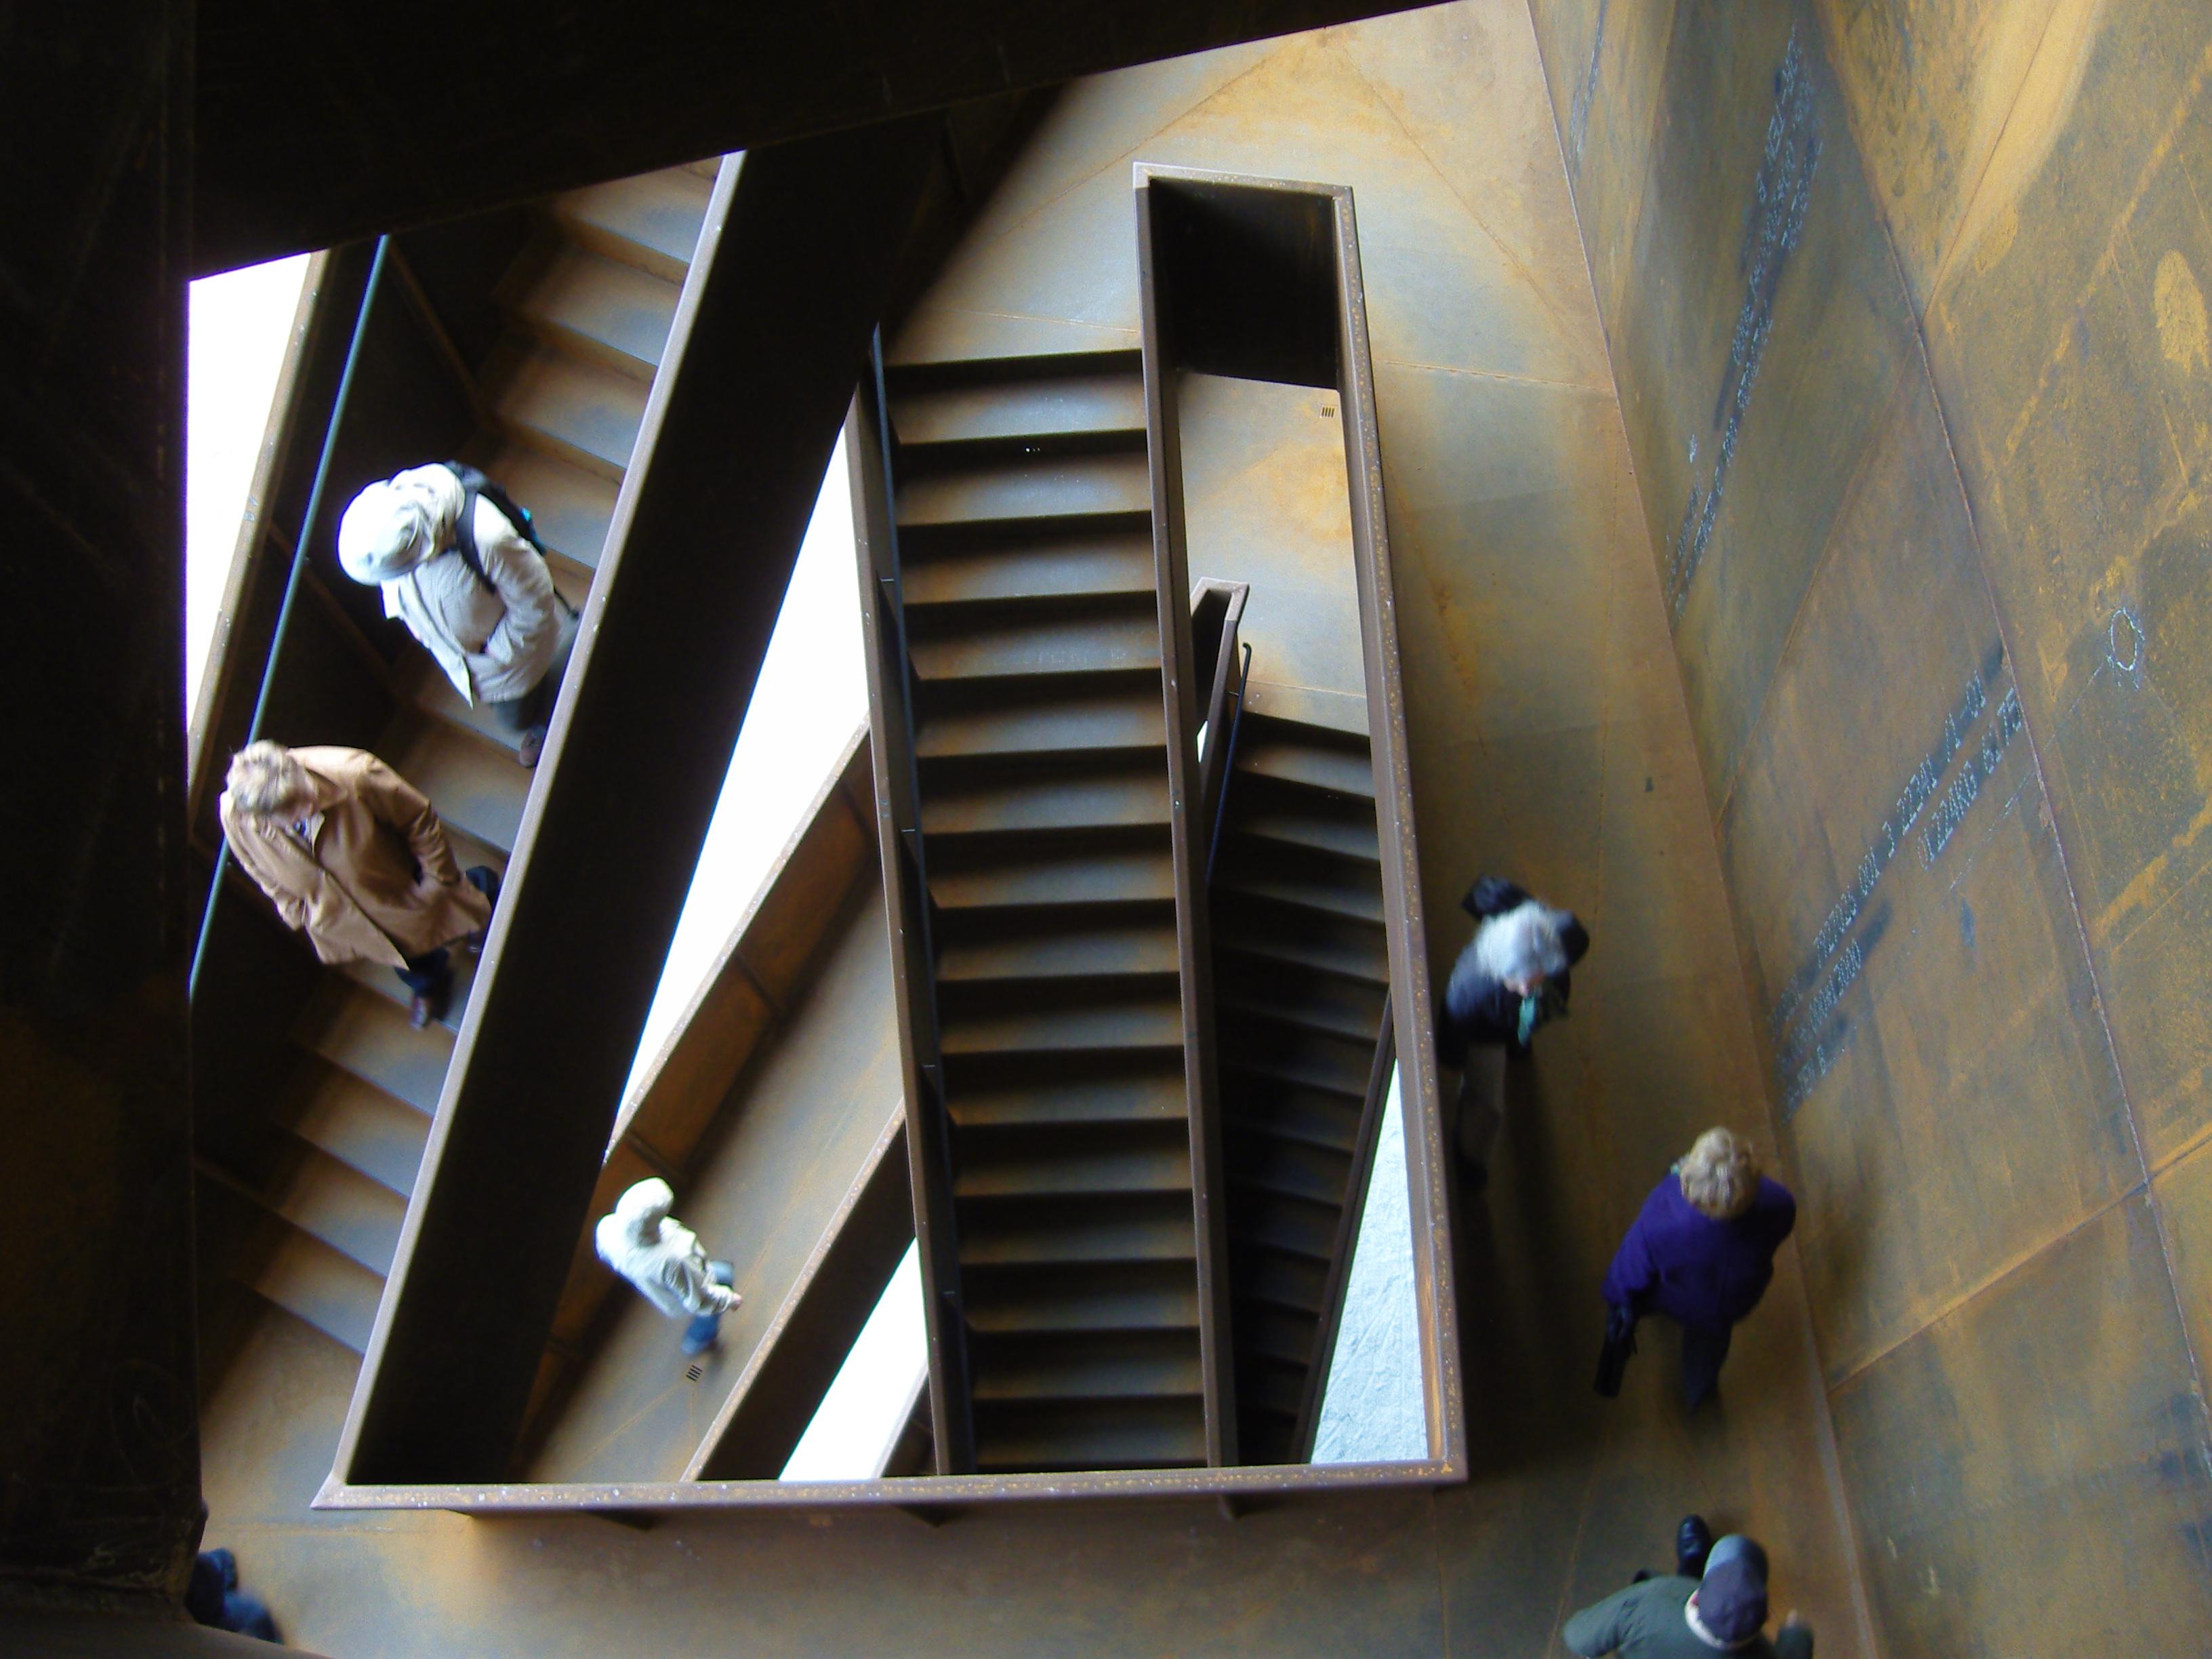 File:Treppen rostigernagel.JPG - Wikimedia Commons